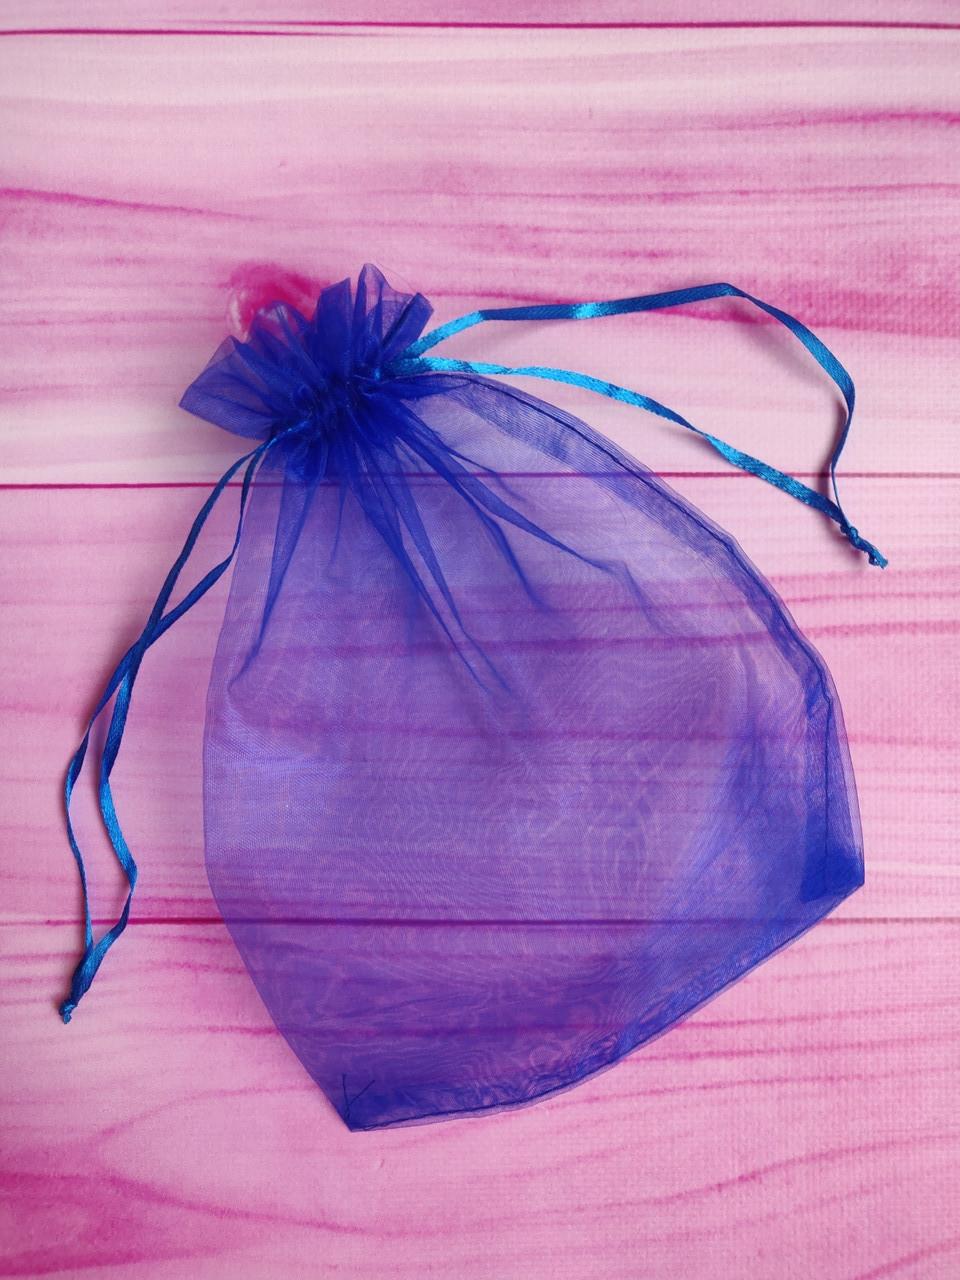 Мешочек из органзы /размер 17х23 см./ упаковка подарков/ цвет синий